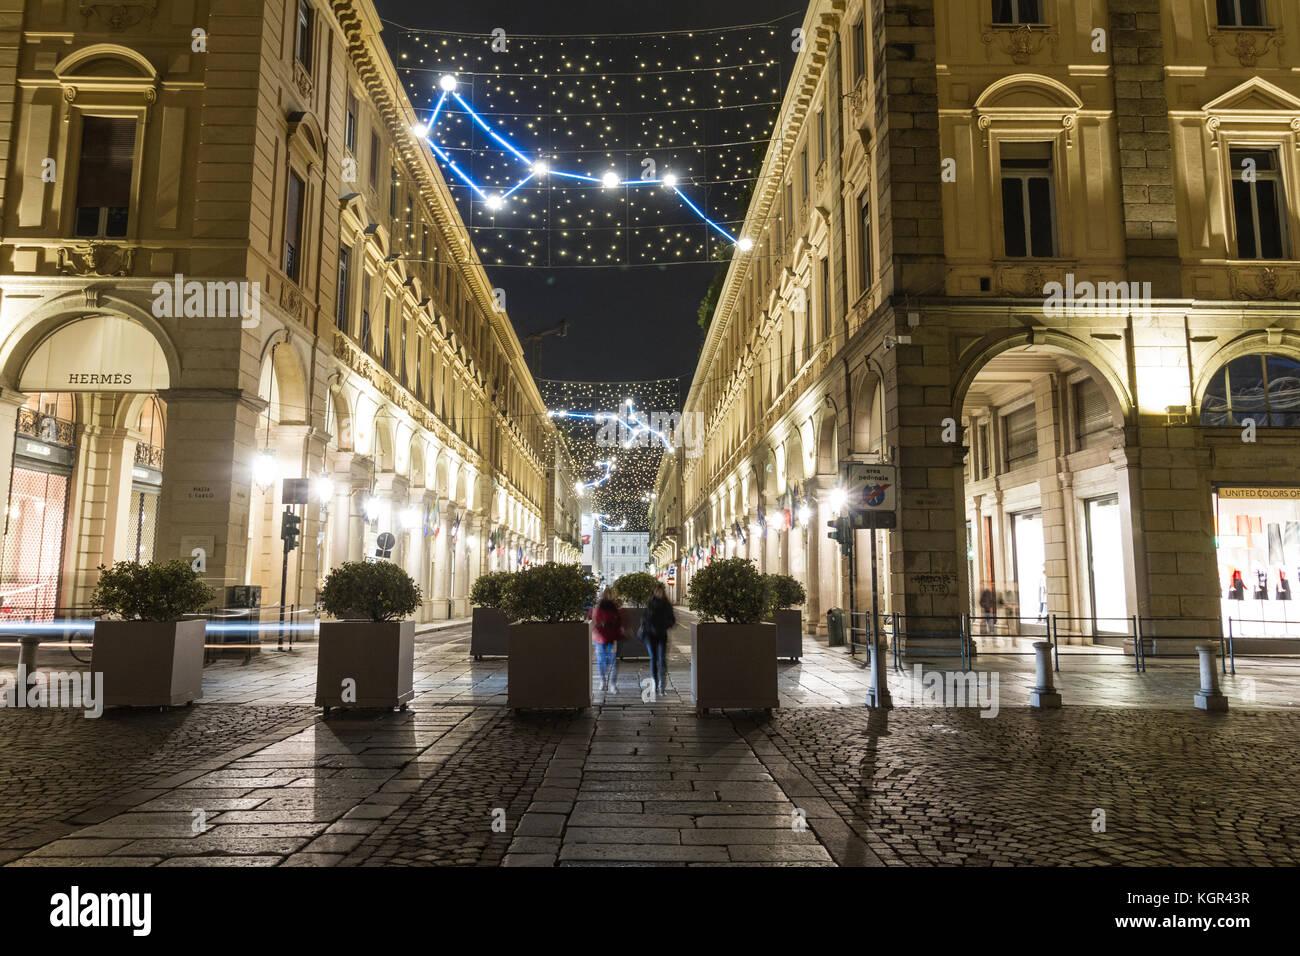 Luci d'Artista a Torino. Via Roma. Immagini Stock